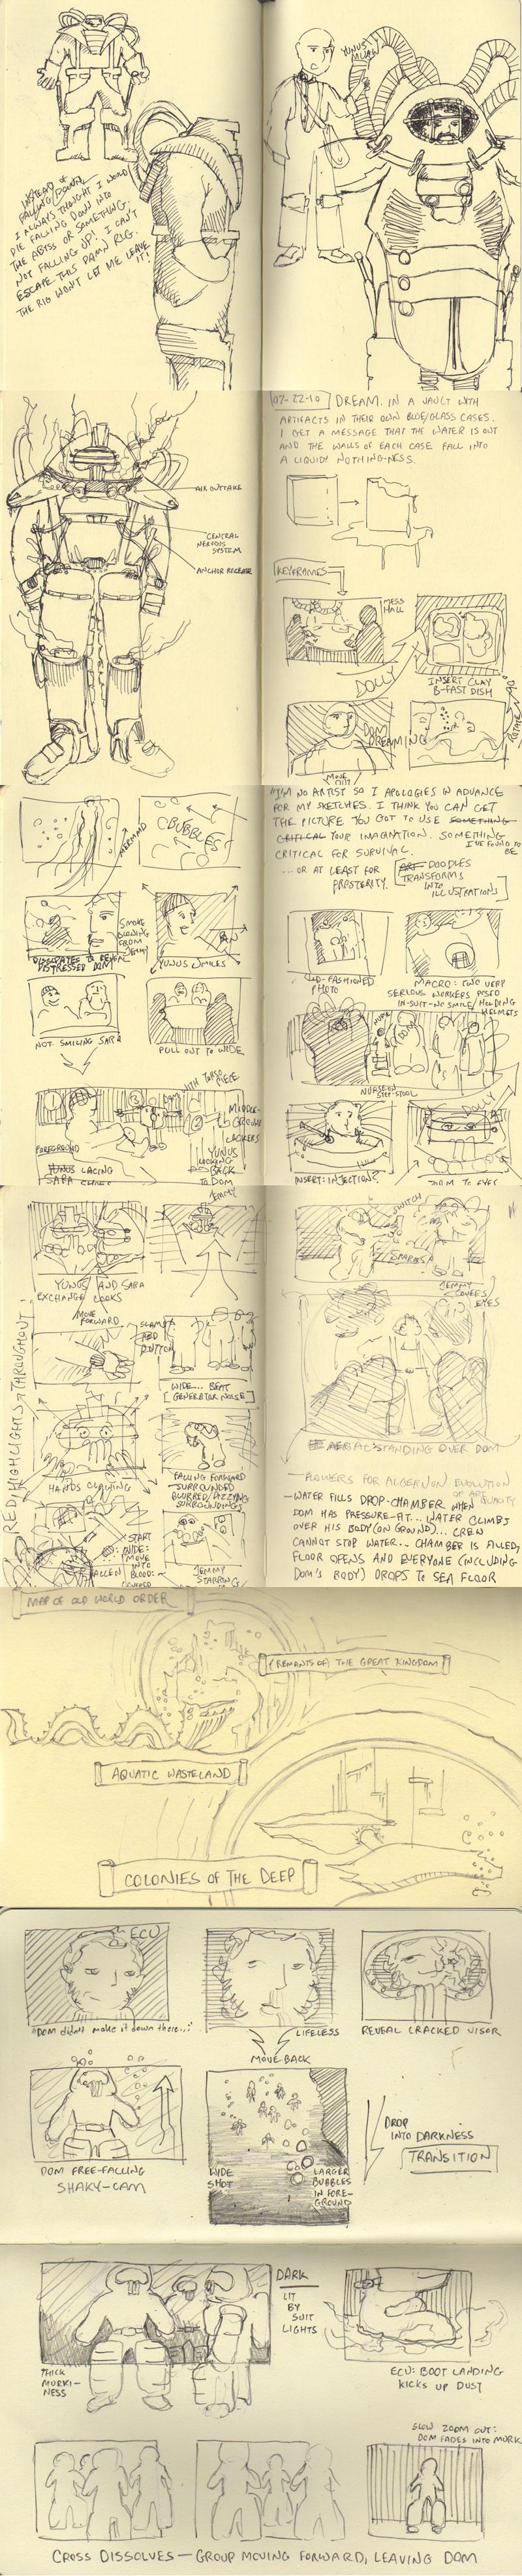 Memoirs of the Deep Renderings by James Loizou